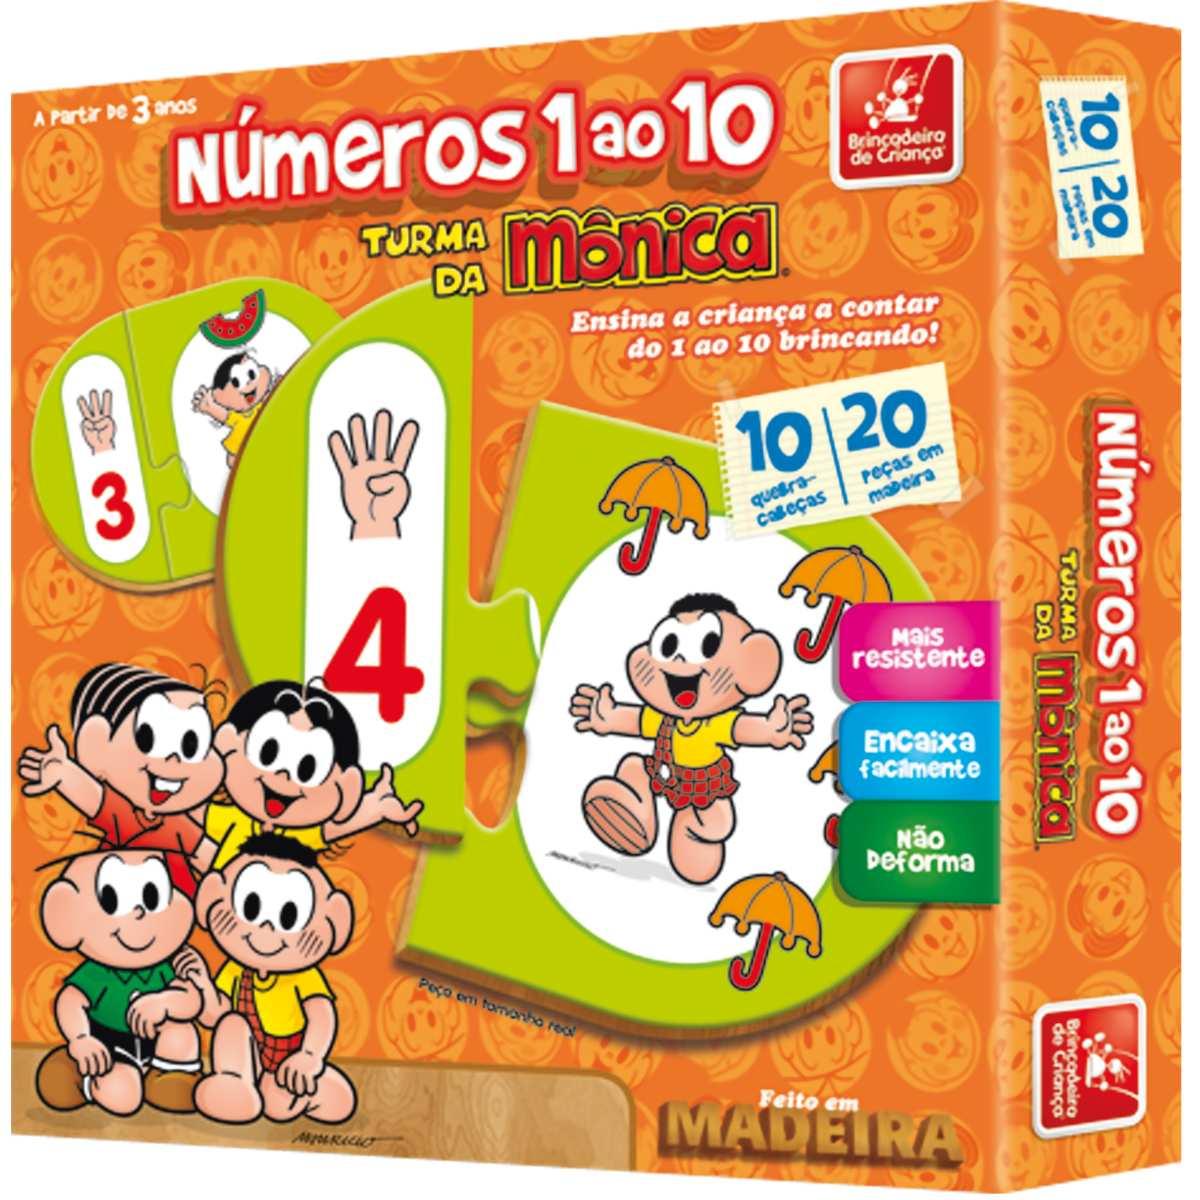 Brinquedo Pedagogico Madeira | T. da Monica Numeros 1 ao 10 | Brinc. de Crianca